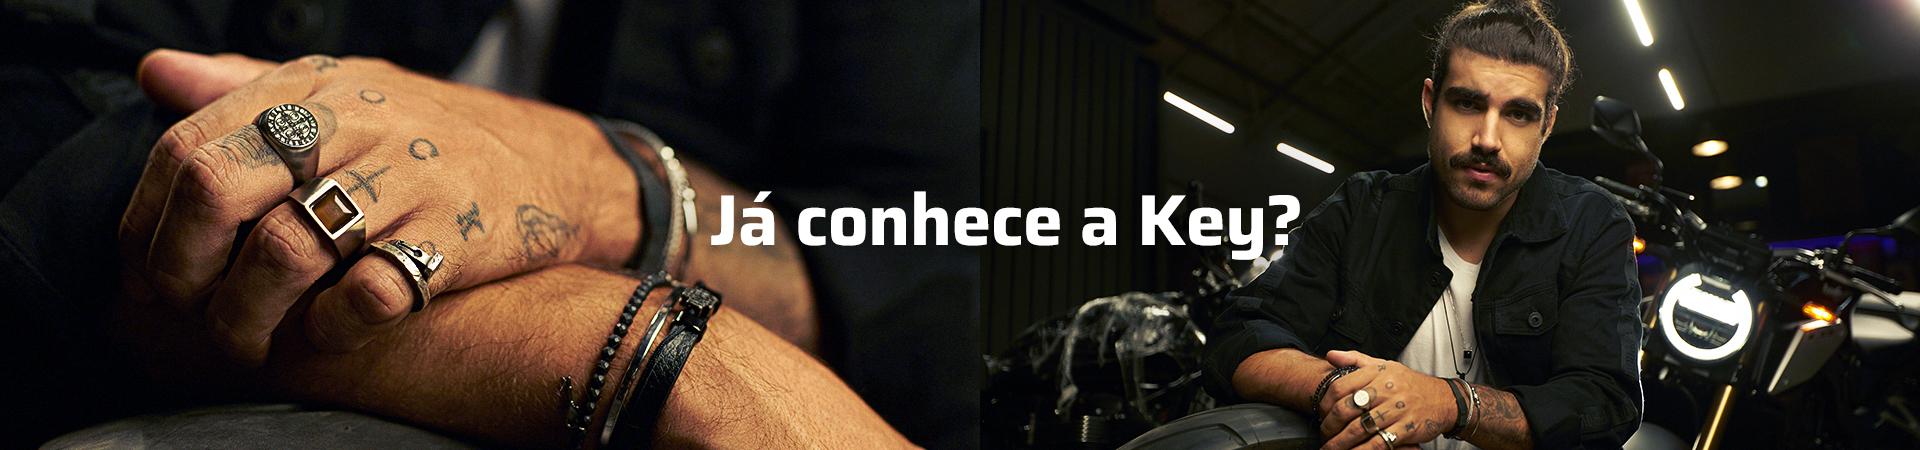 Conhece key desk